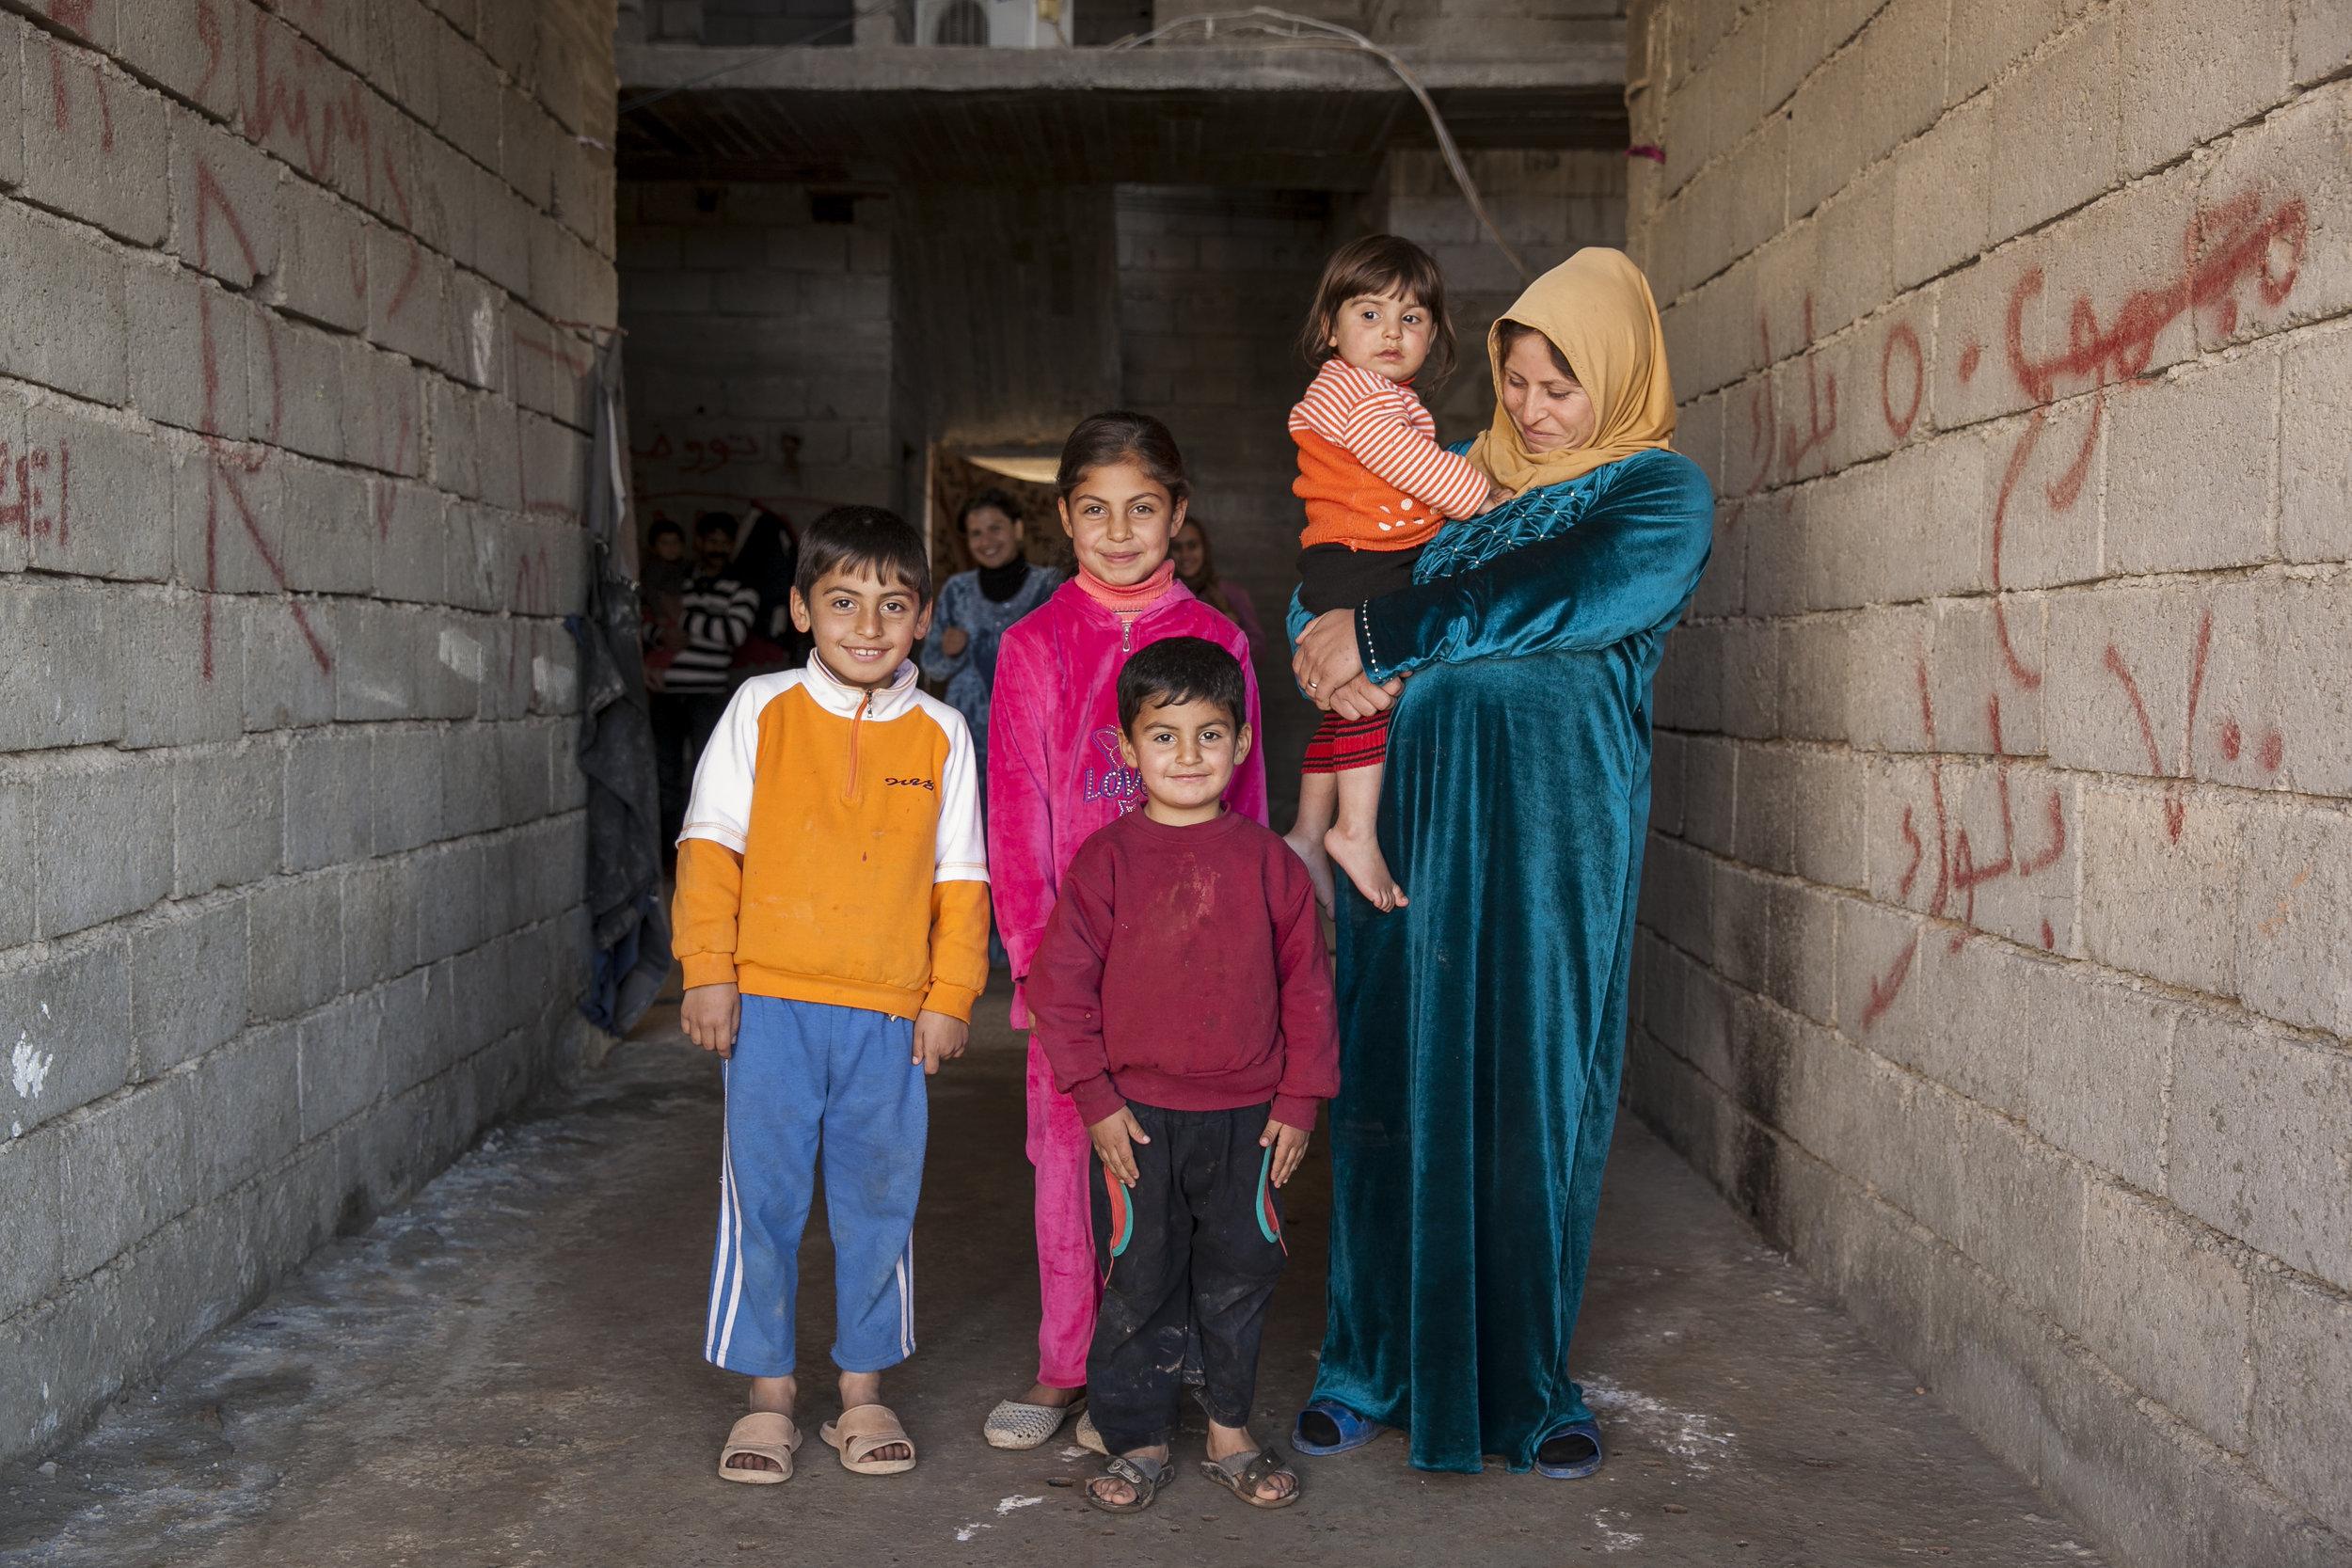 20141205_Refugee_GH_0375.jpg